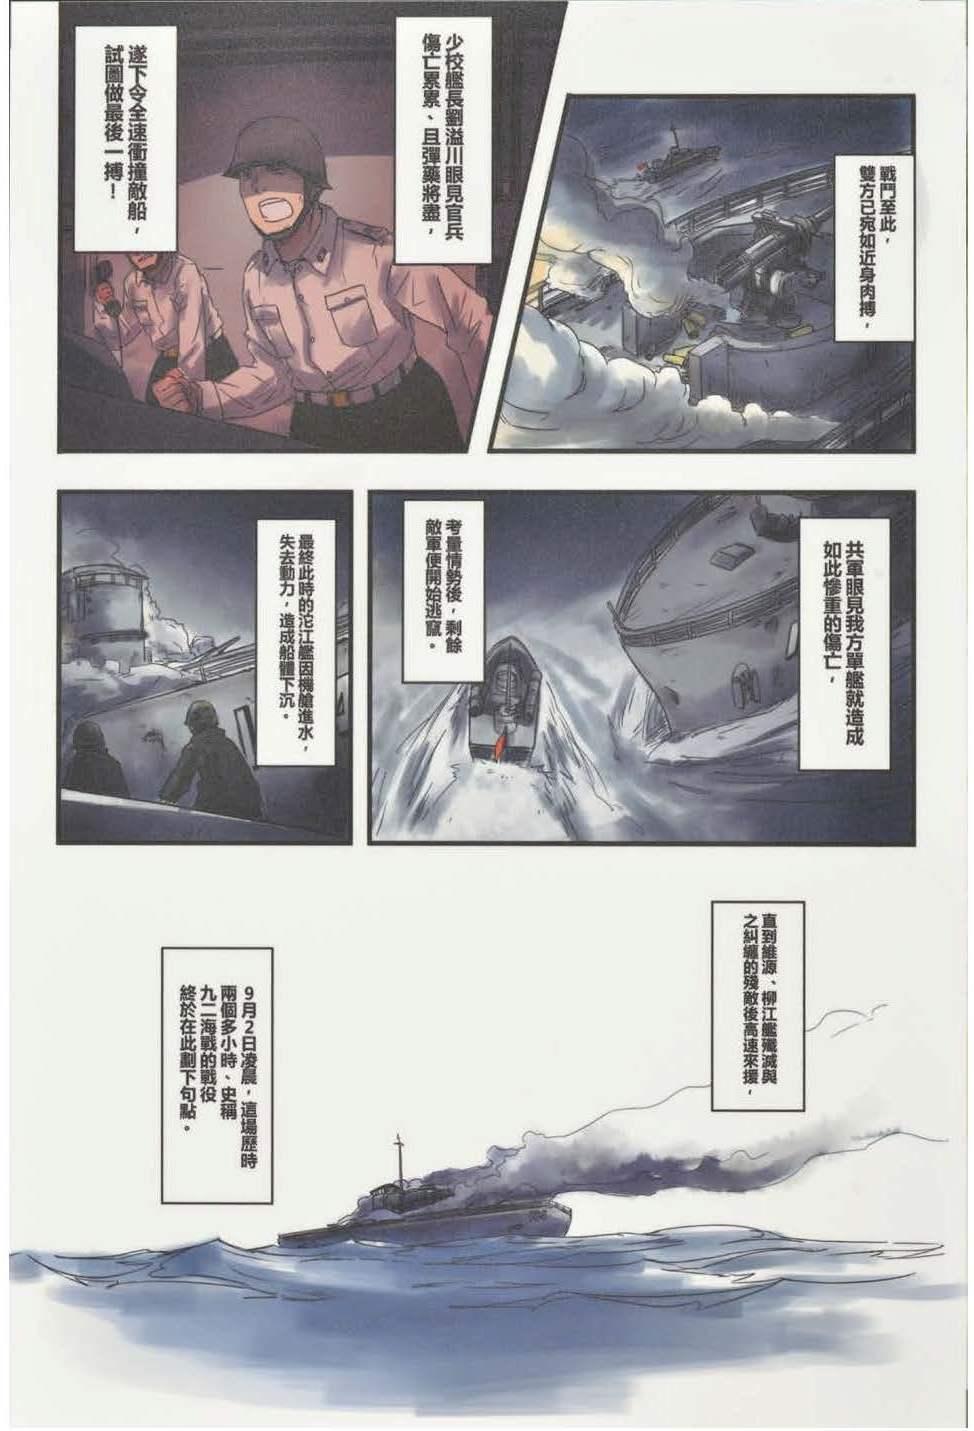 第50屆漫畫類金像獎作品_傳承8_張哲綱.jpg